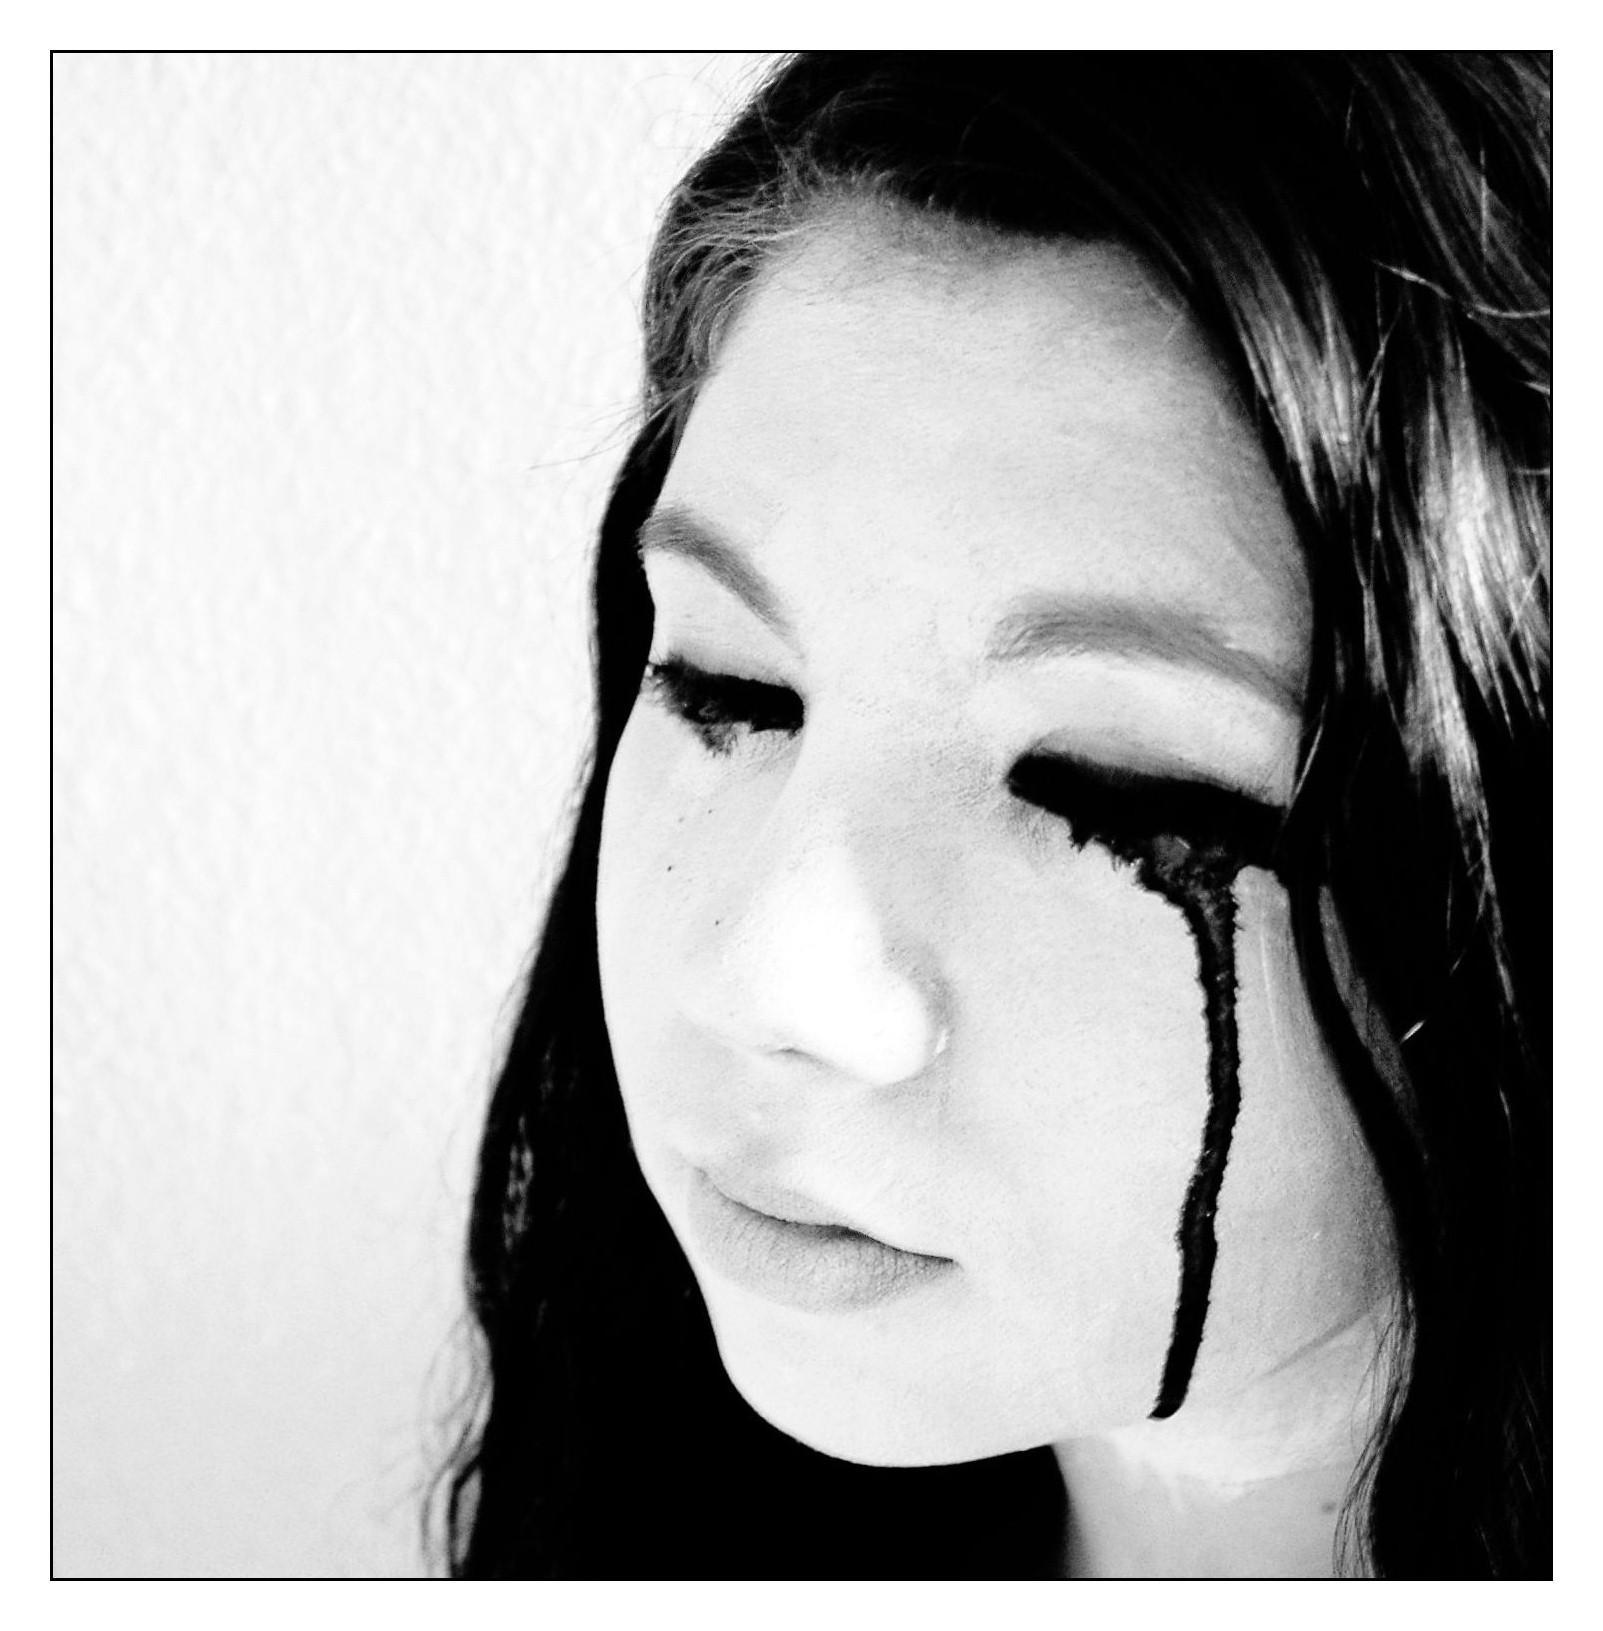 Black Tears by samitallnative